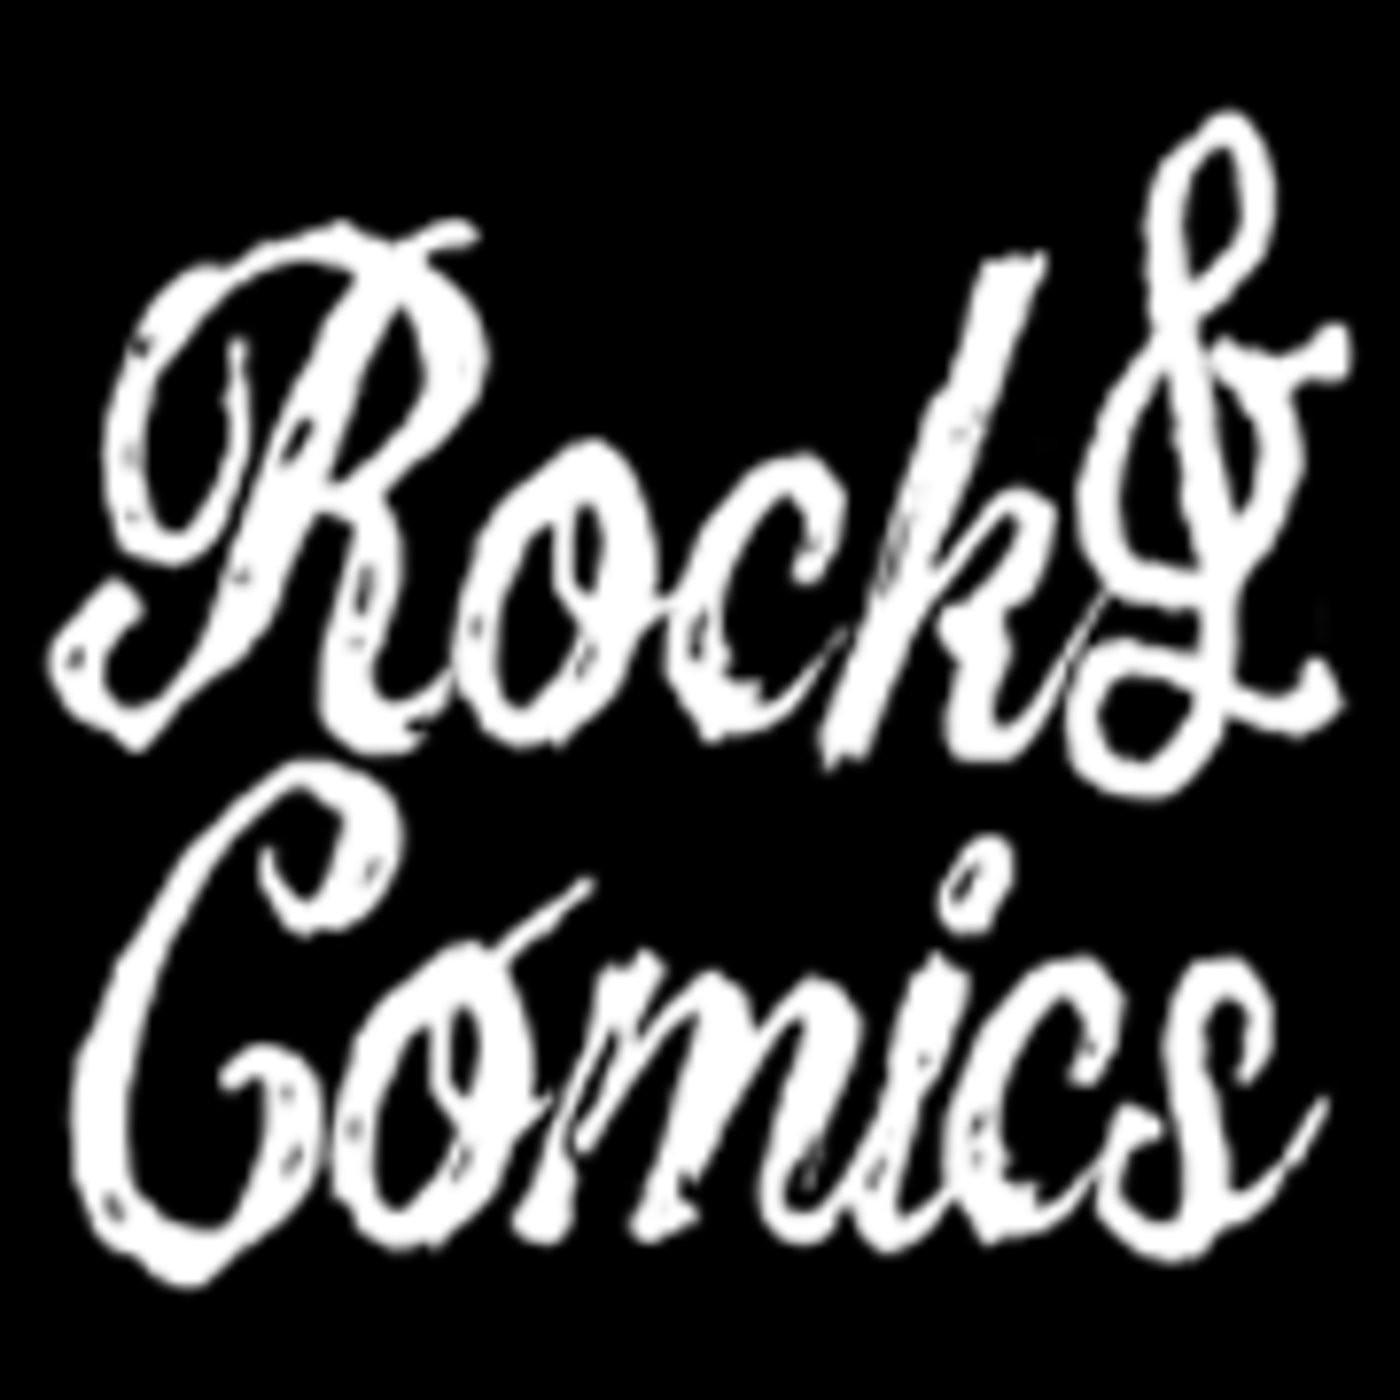 Rock & Cómics 195 - Mamen Moreu, Fearless Colors, SLAM, Luces nocturnas, Lo que más me gusta son los monstruos, La tierr